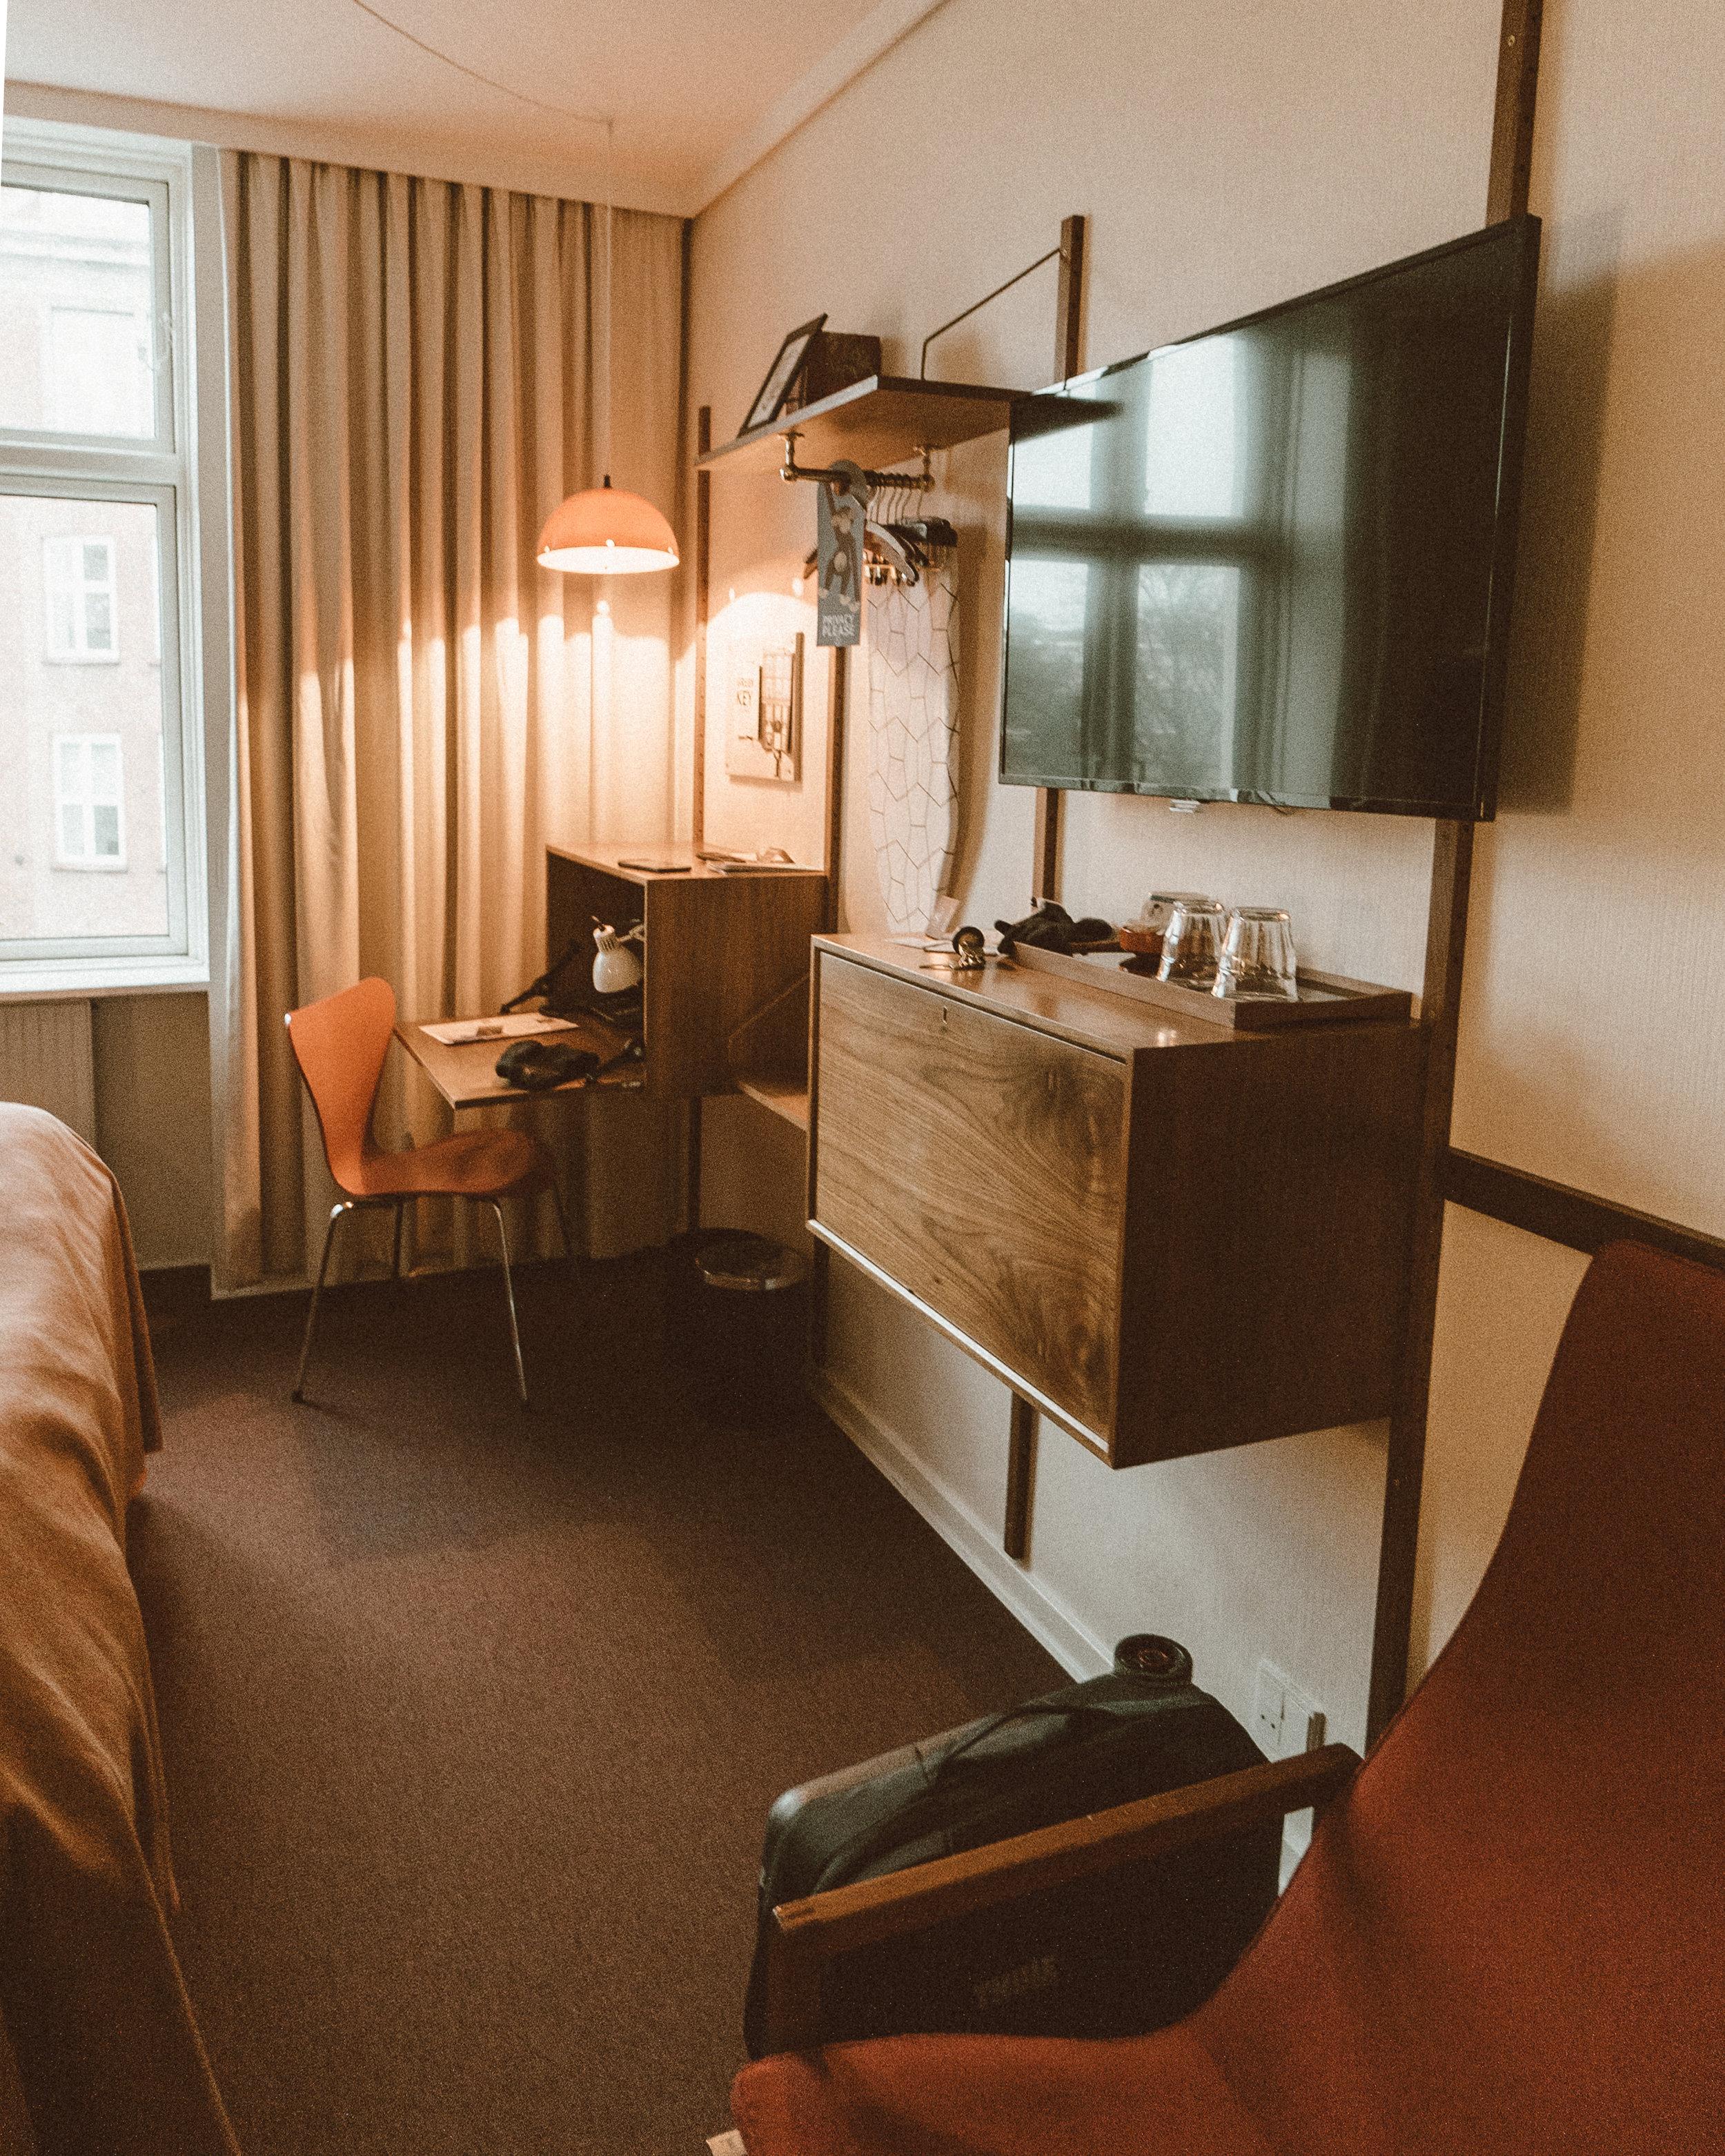 Hotel Alexandra Copenhagen Review - Standard Double Room